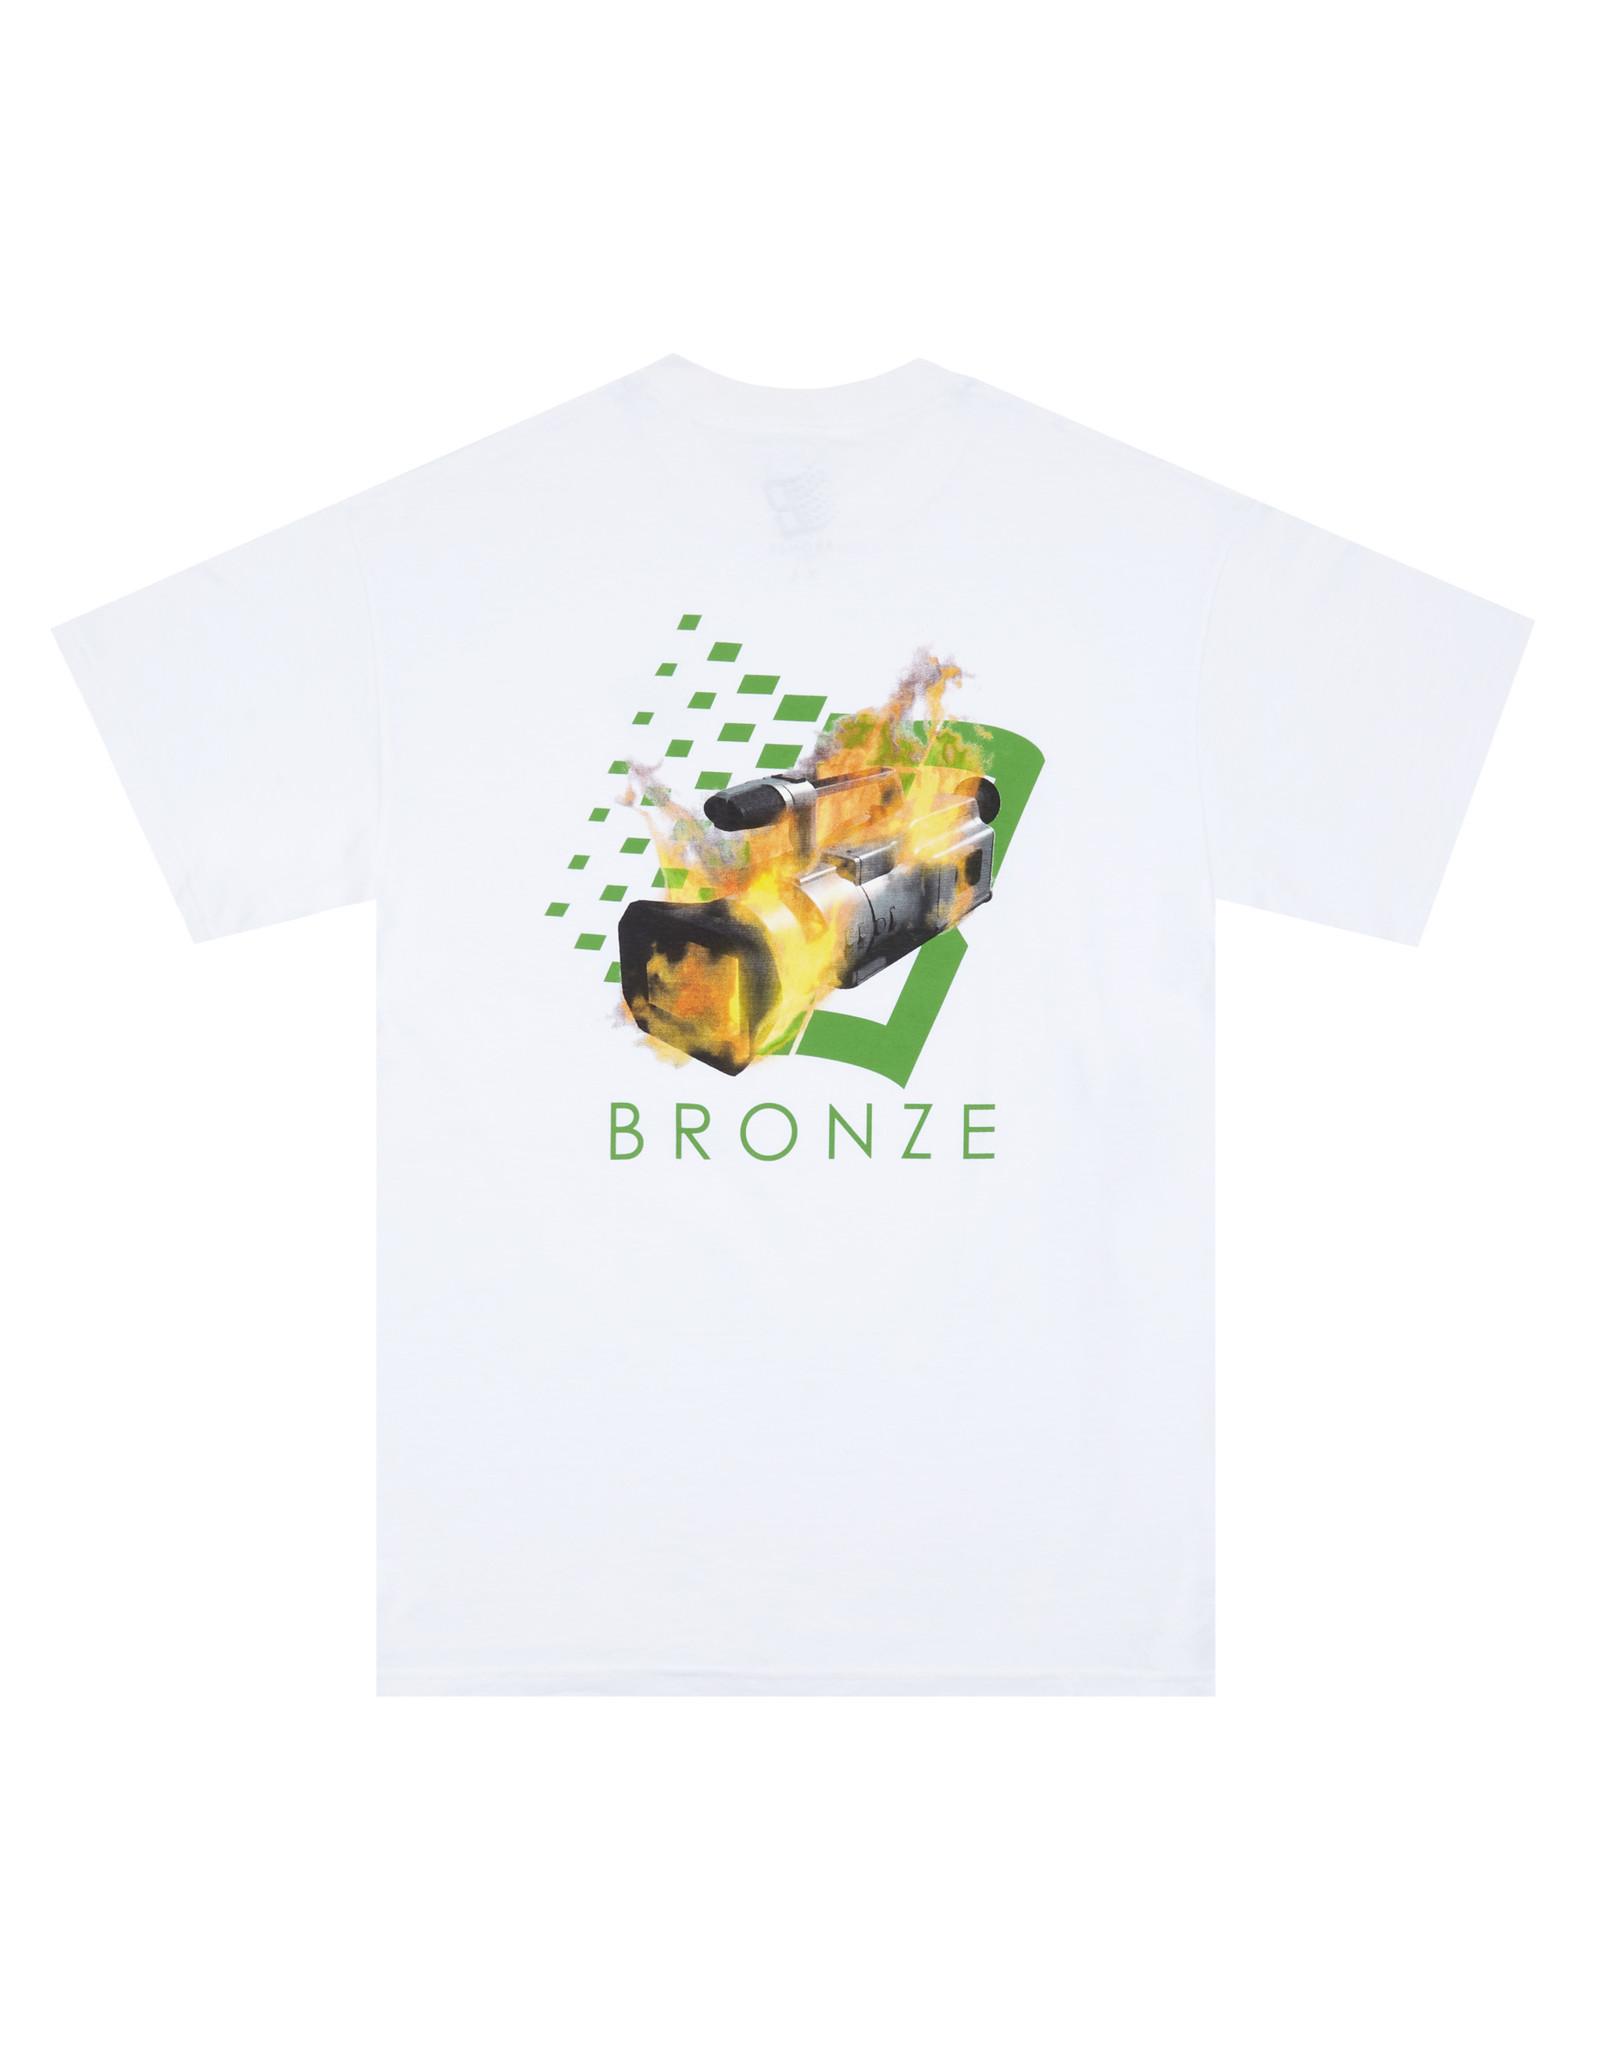 Bronze56K VX B Logo Tee - White